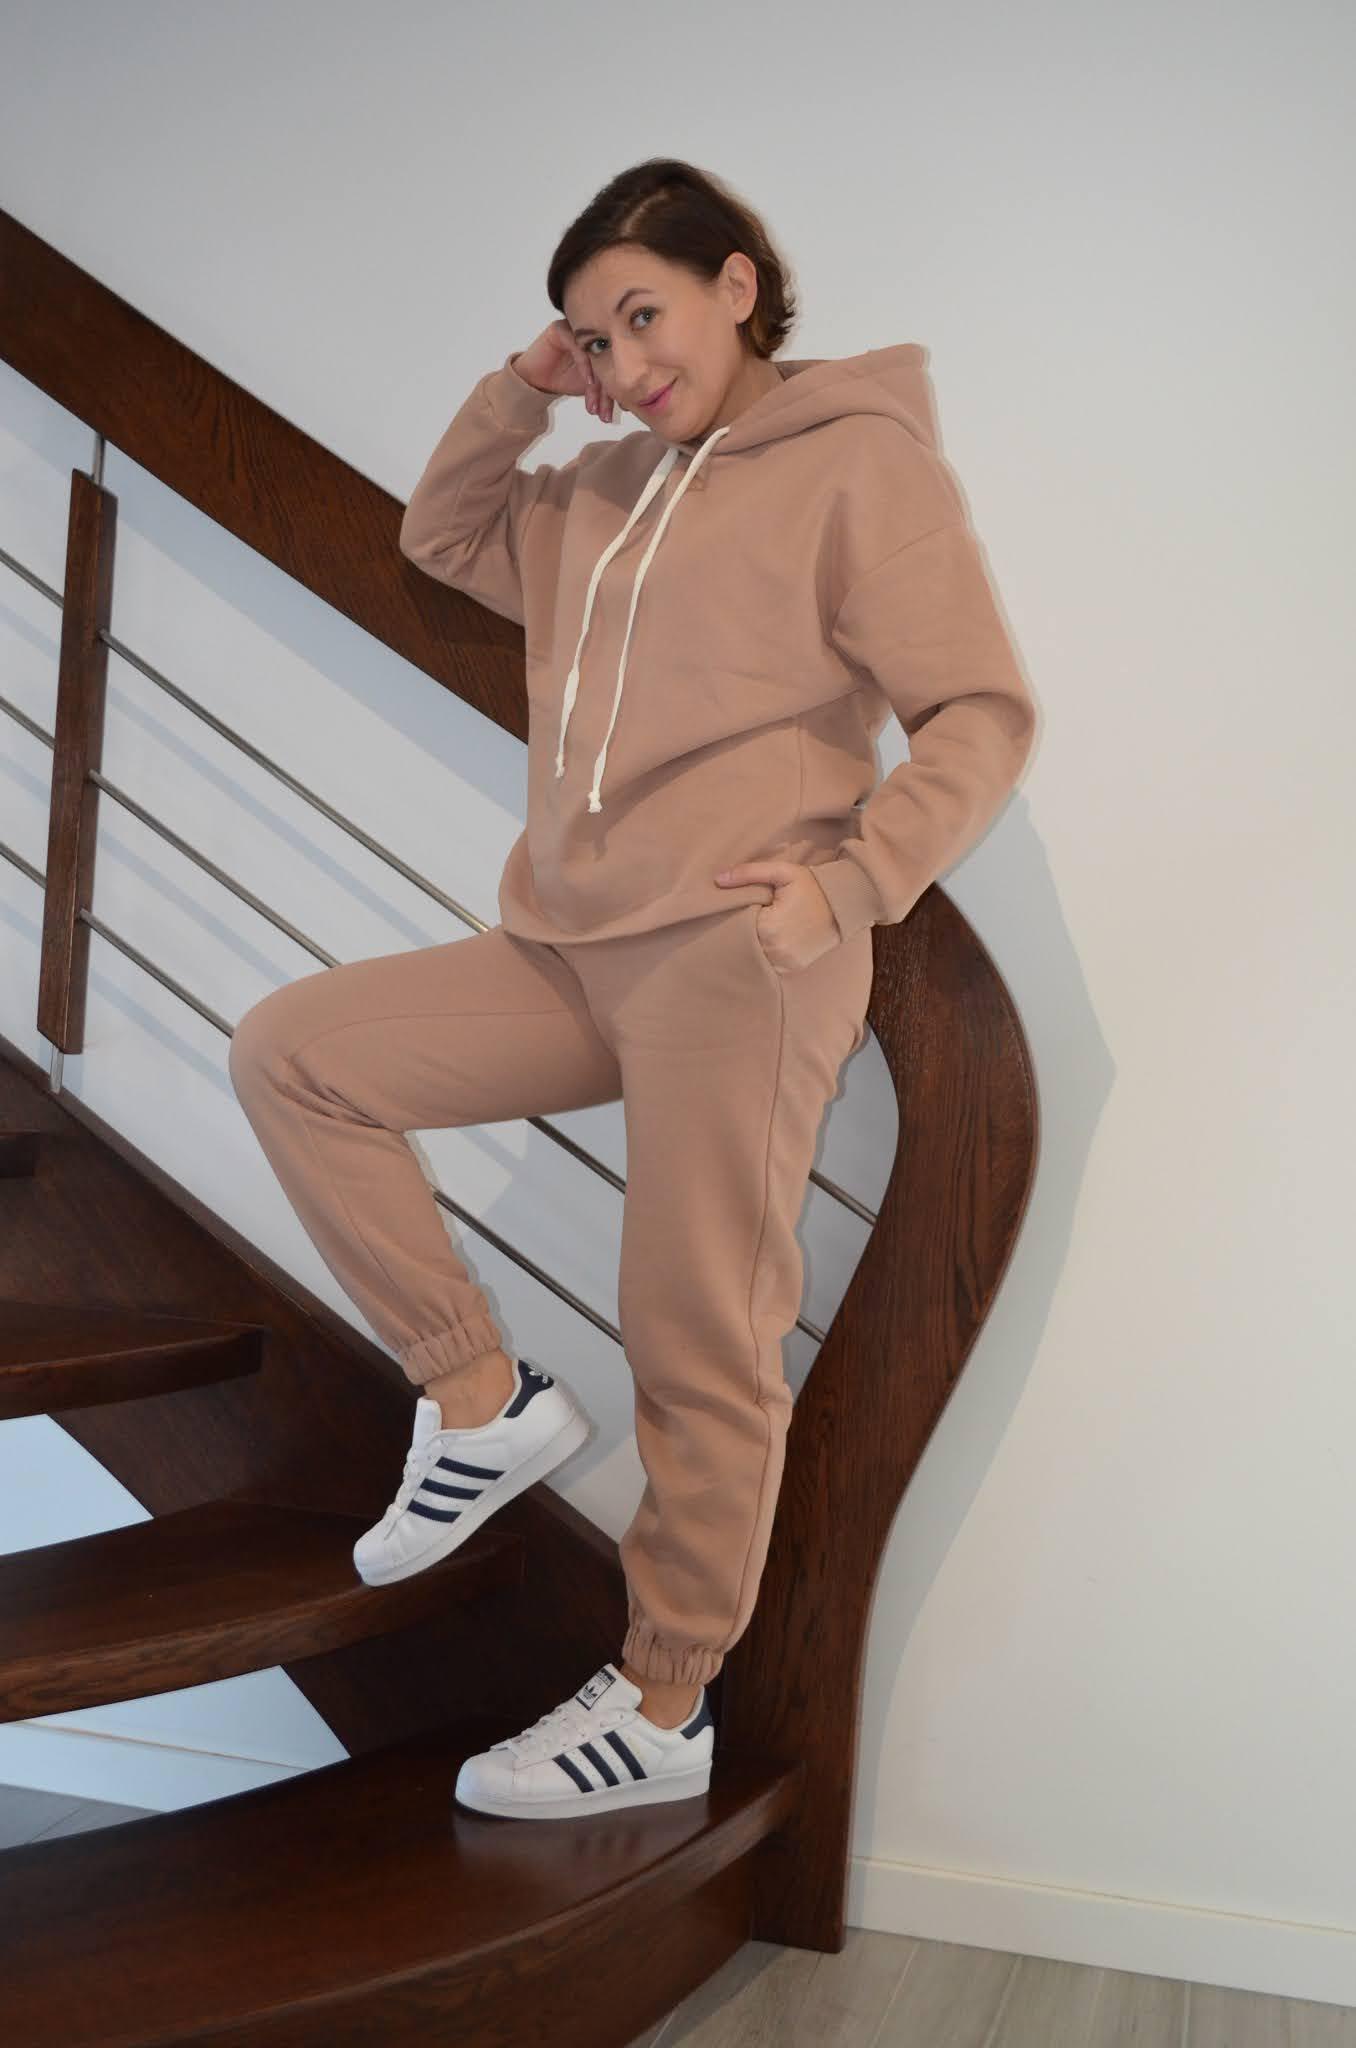 Femme Luxe Loungewear,@adrianastyle_stylist,komplety po domu,prążkowany dres,polarowy dres,ciepły dres,odzież po domu,fashion,moda,#Luxegal,dres po domu,urodzinowo,urodziny w dresie